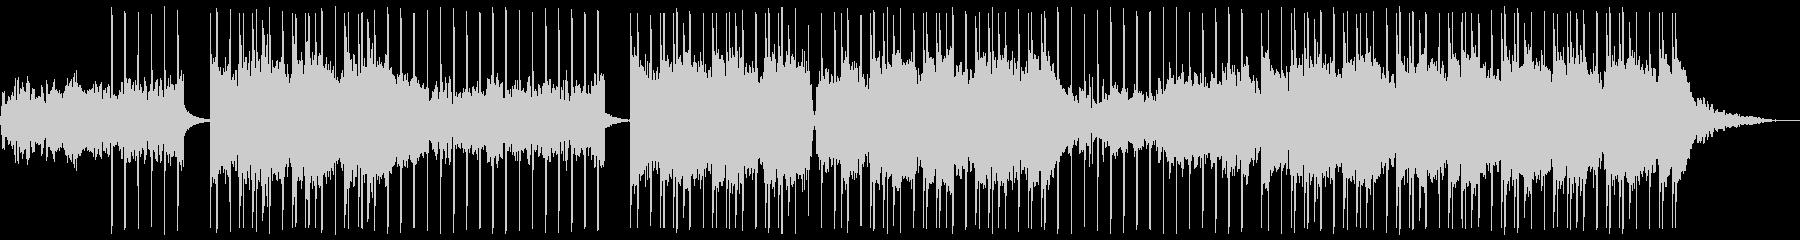 ダークでテンポ良いレトロポップ/オルガンの未再生の波形